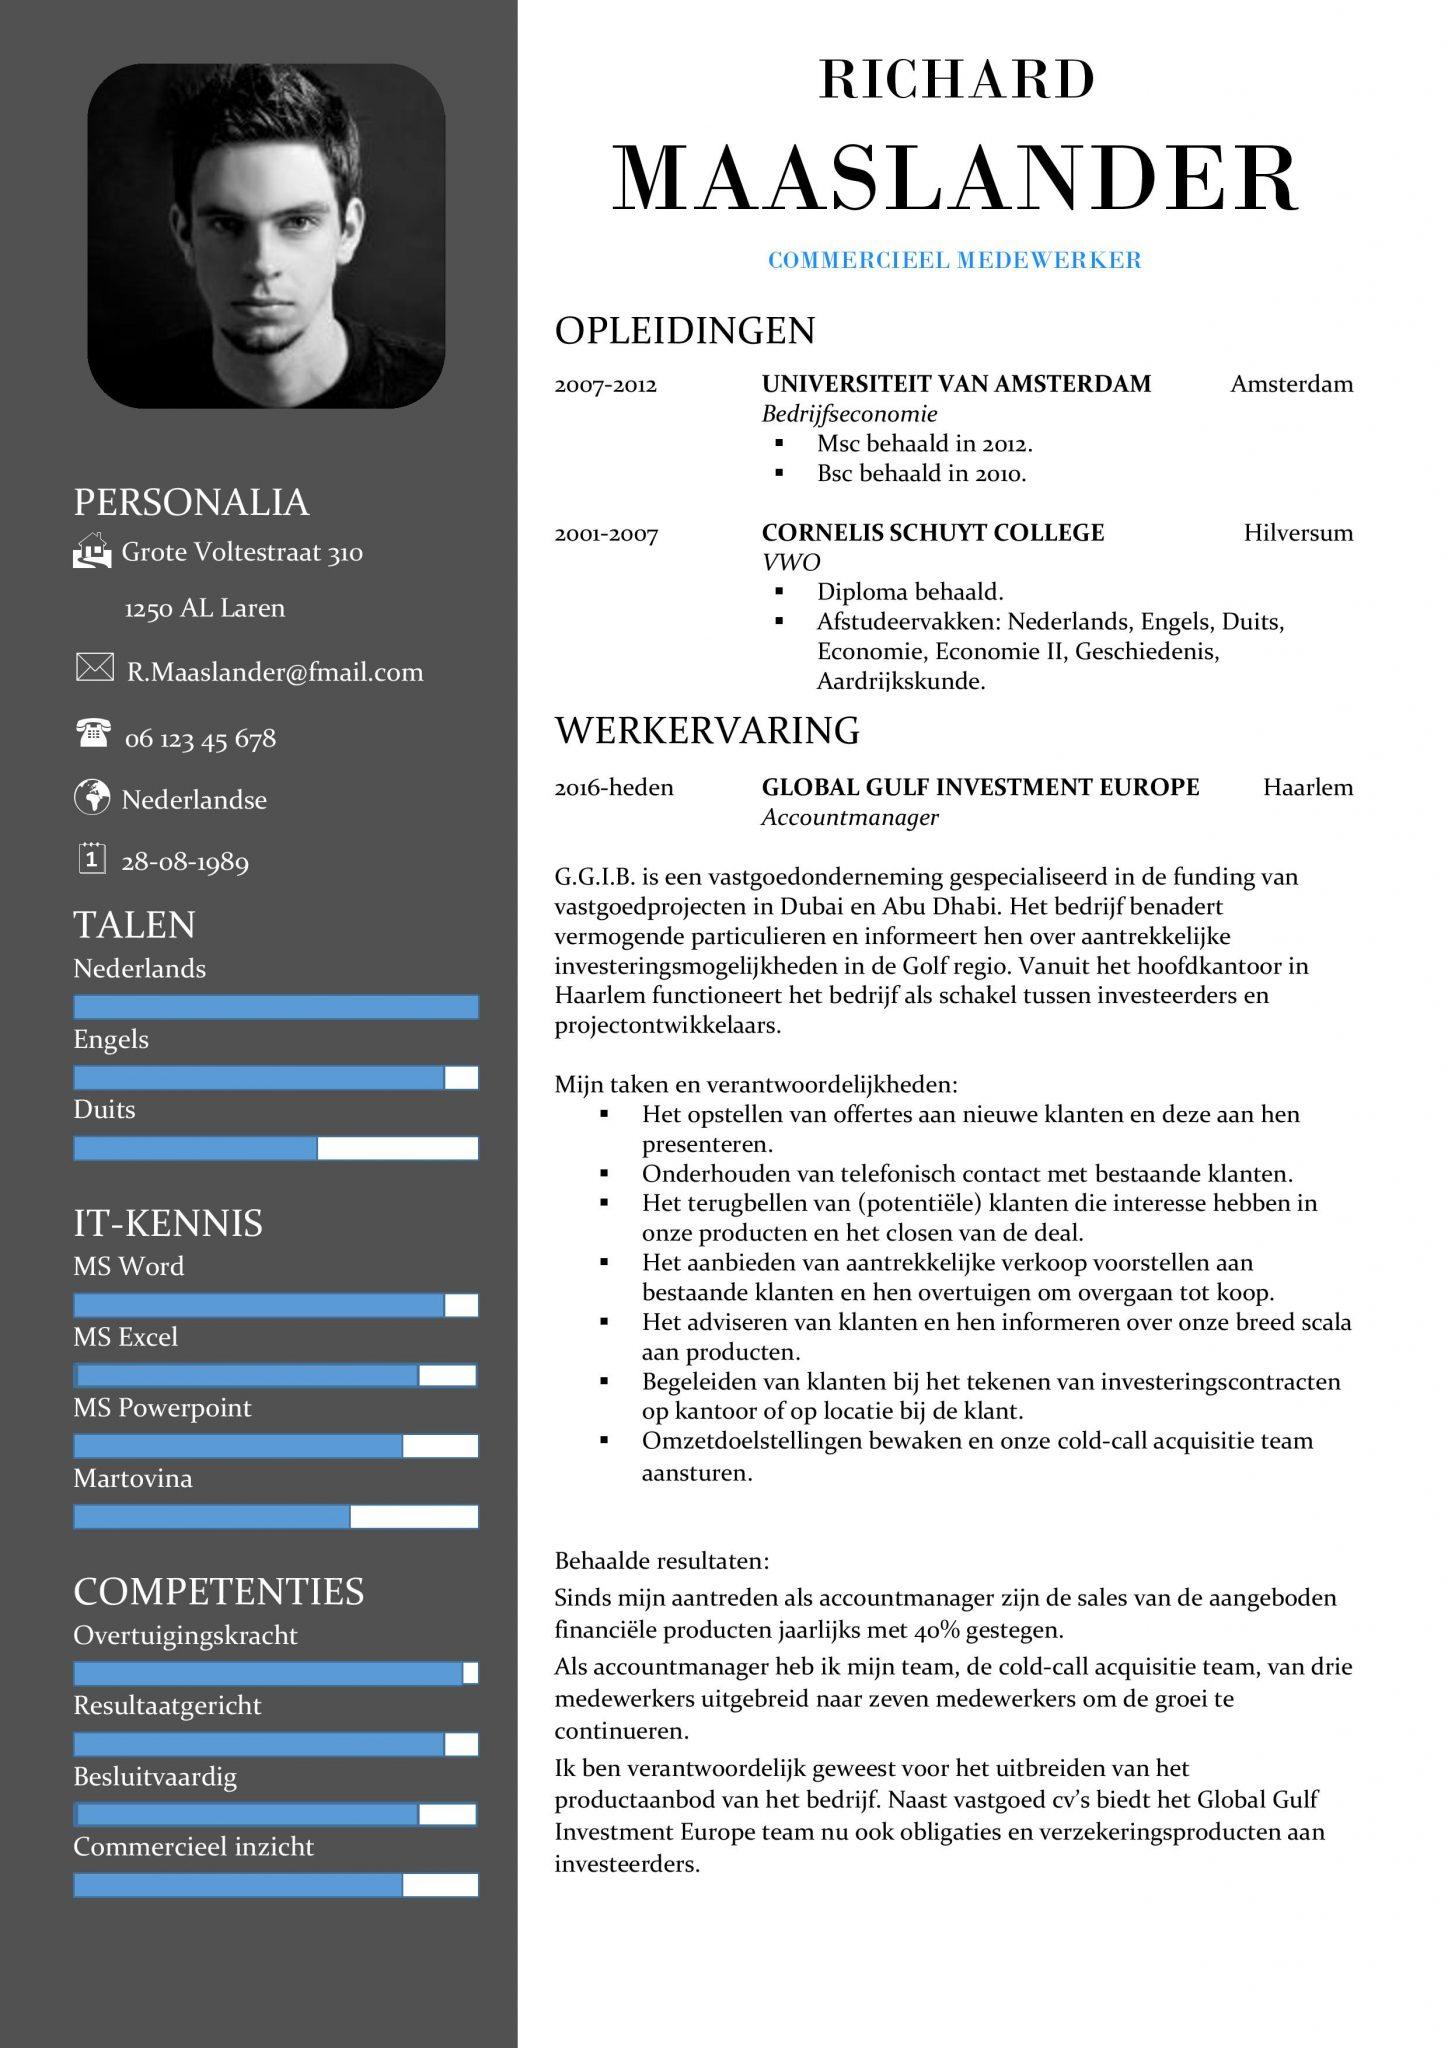 Ongebruikt Gratis CV Sjabloon Voorbeelden | CV Templates / Sjablonen in Word RC-64